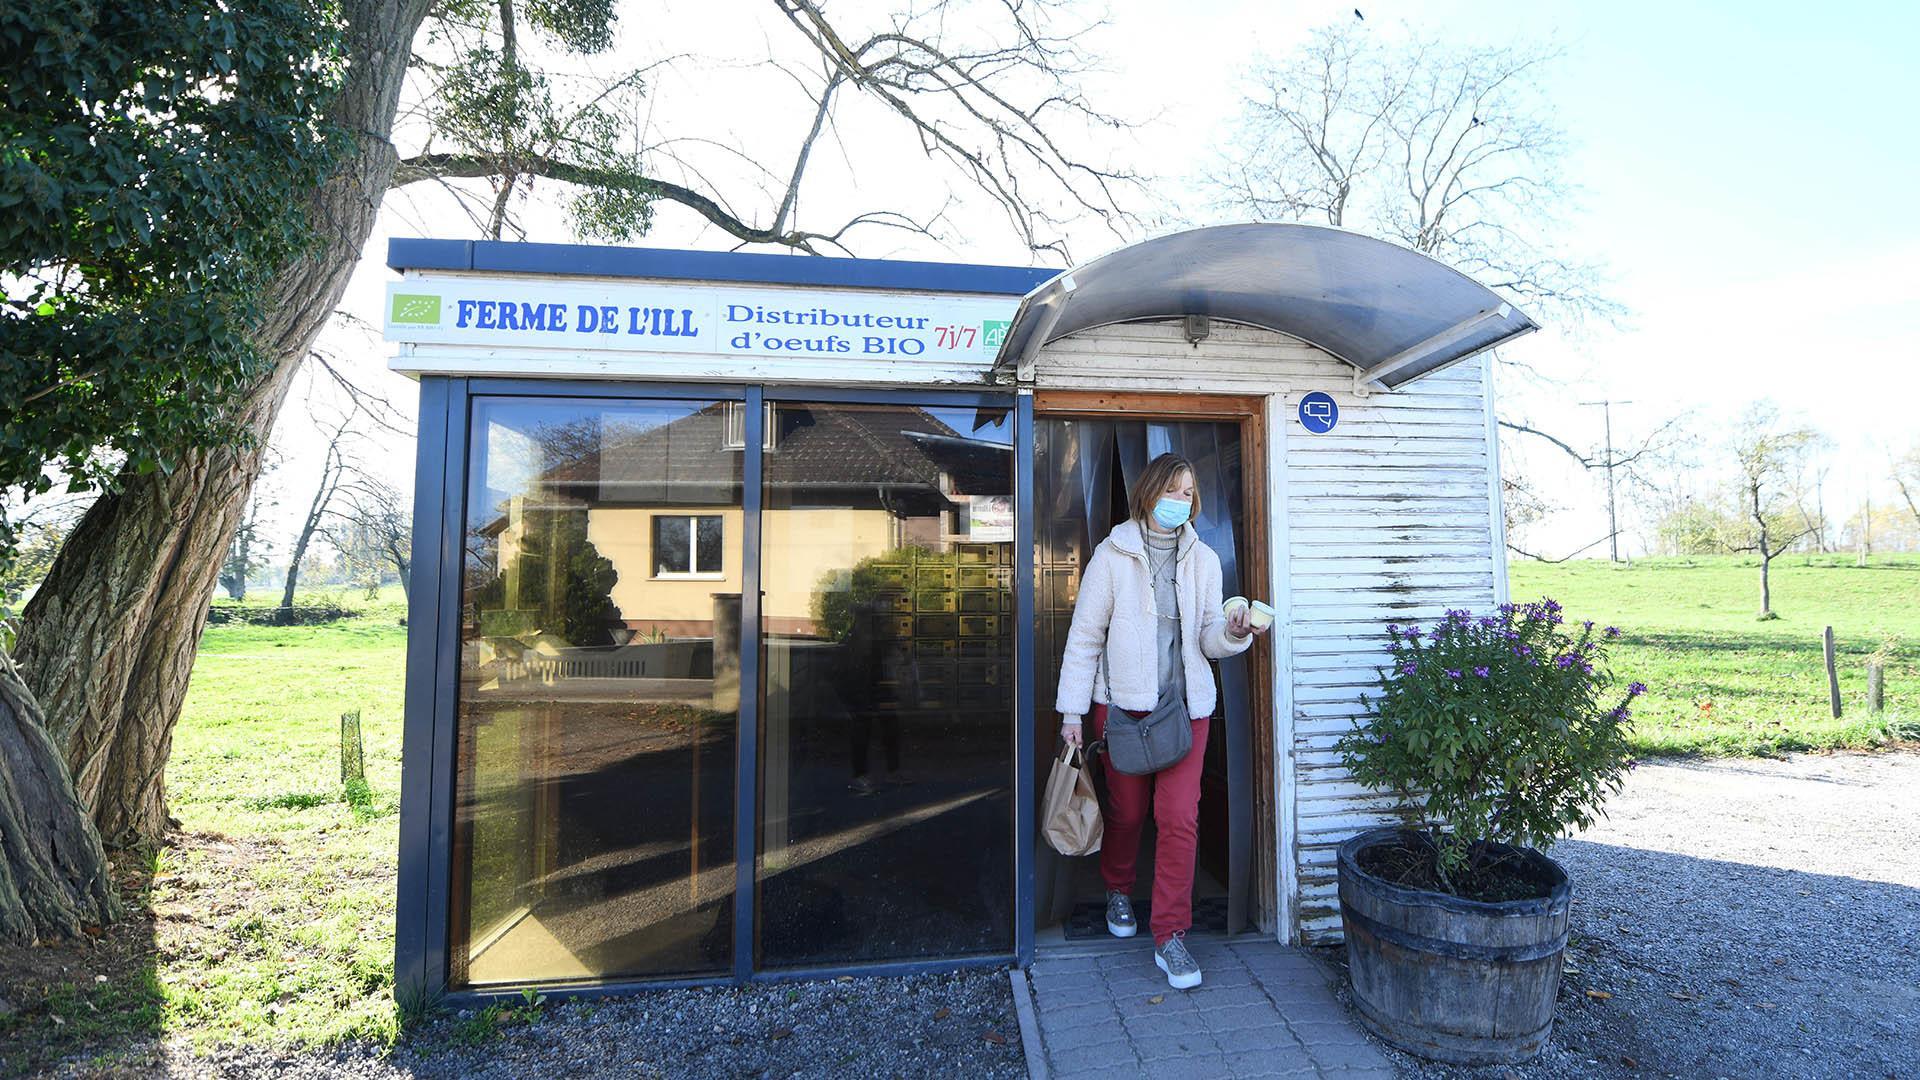 Du panier au casier fraicheur : Le distributeur de la ferme de l'Ill